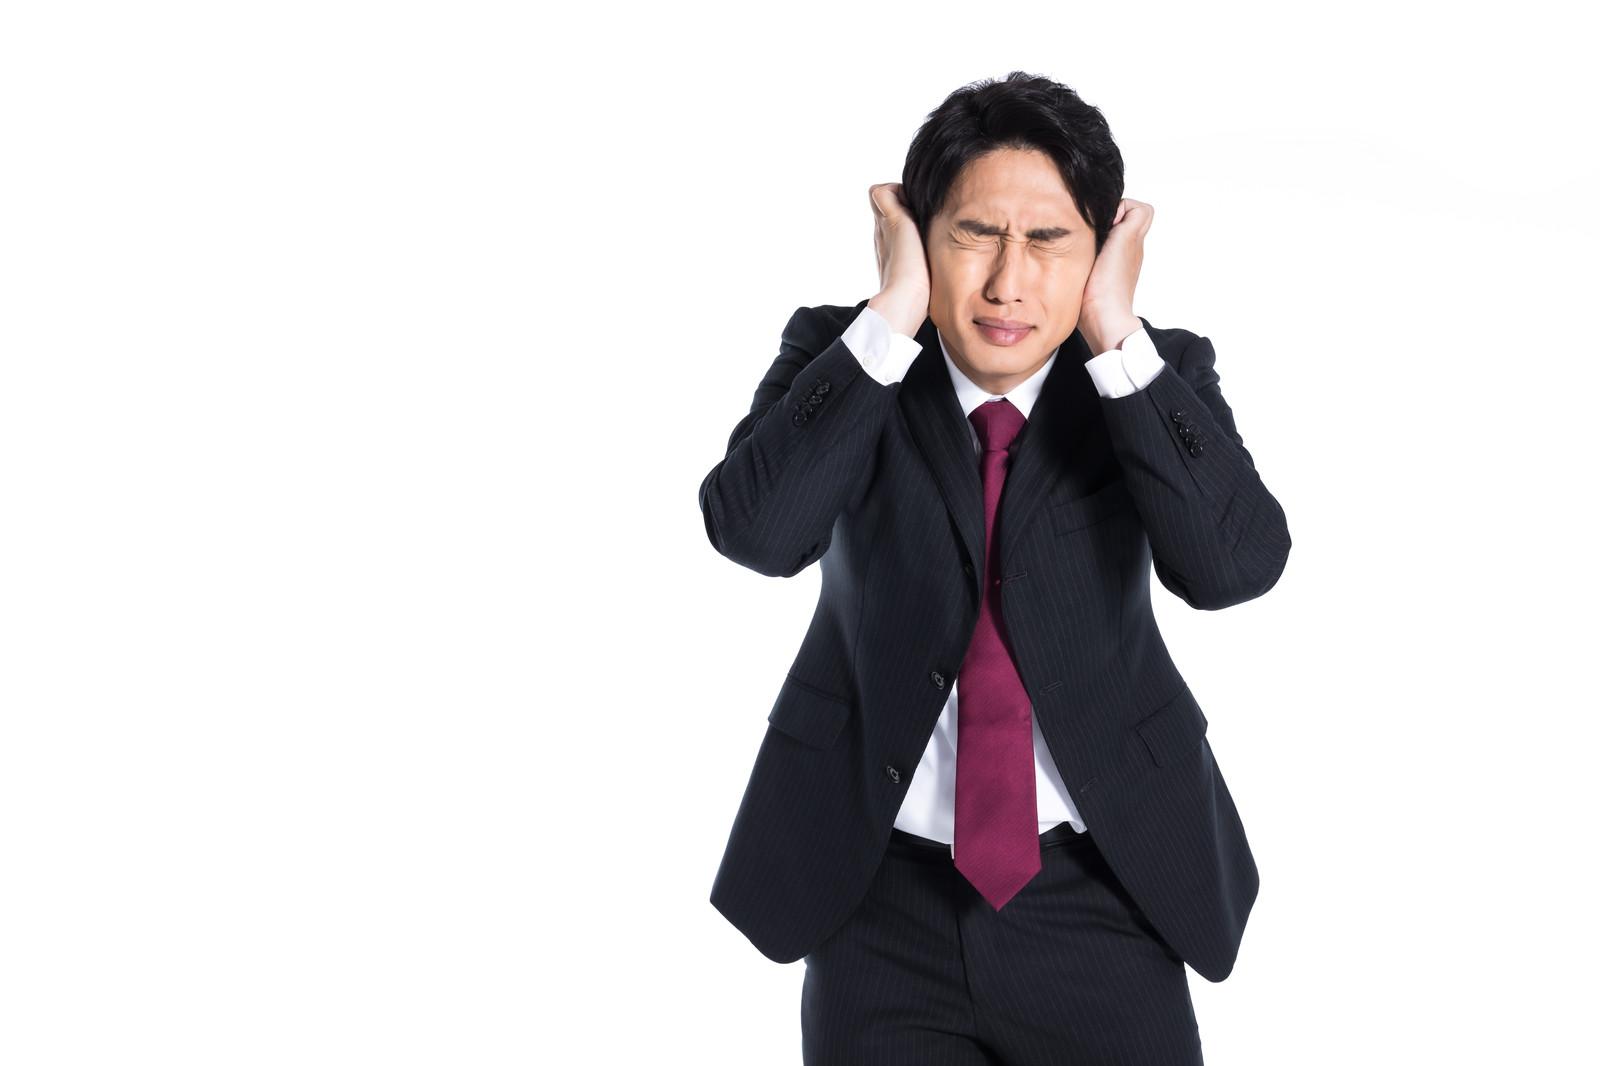 難聴は予防可能な認知症の危険因子。認知症予防研究協会